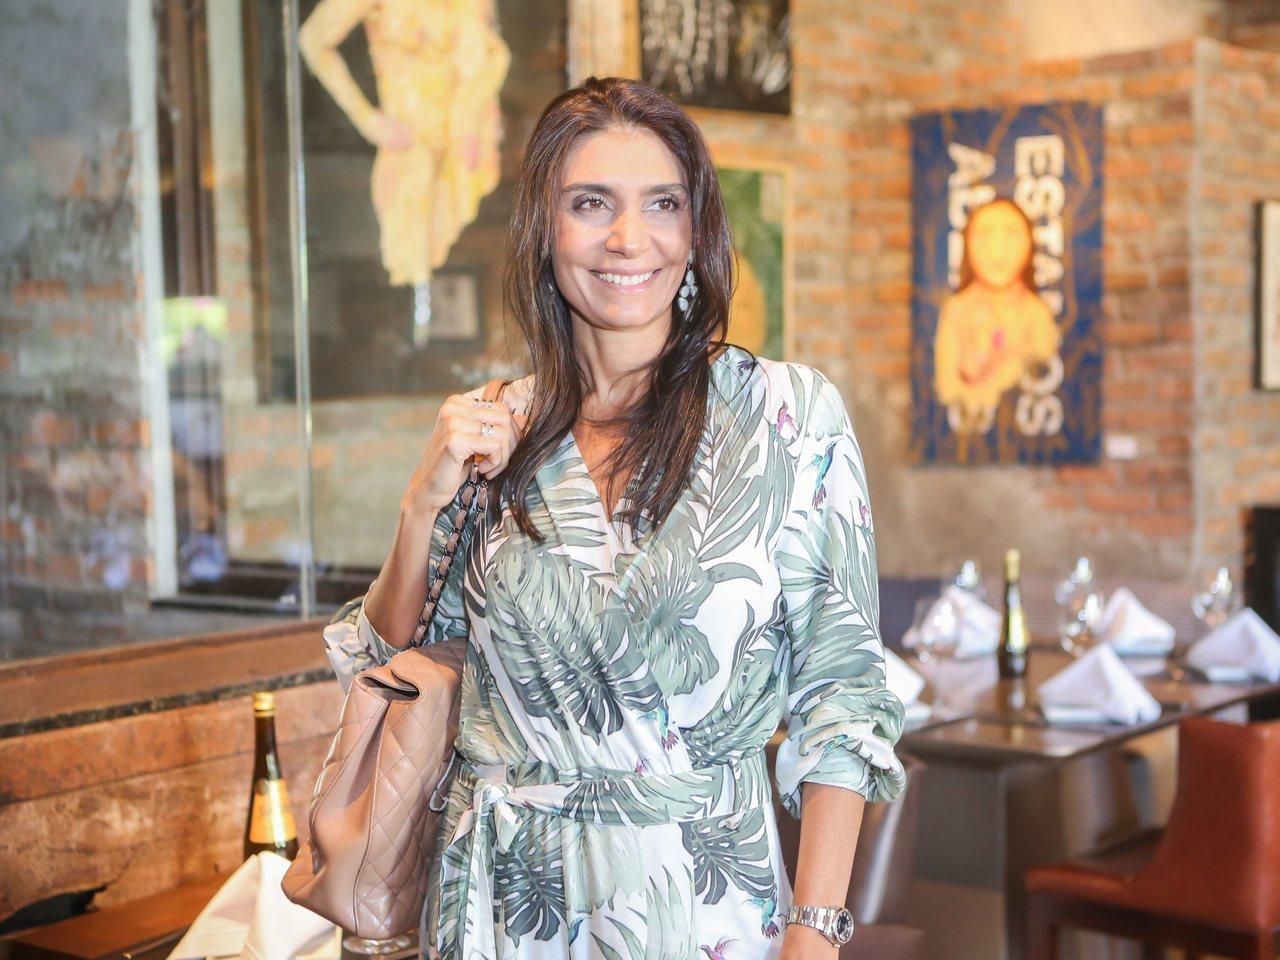 Rebecca Albuquerque visava oportunidades na Europa com a cidadania de Portugal. (Foto: Arquivo MT)